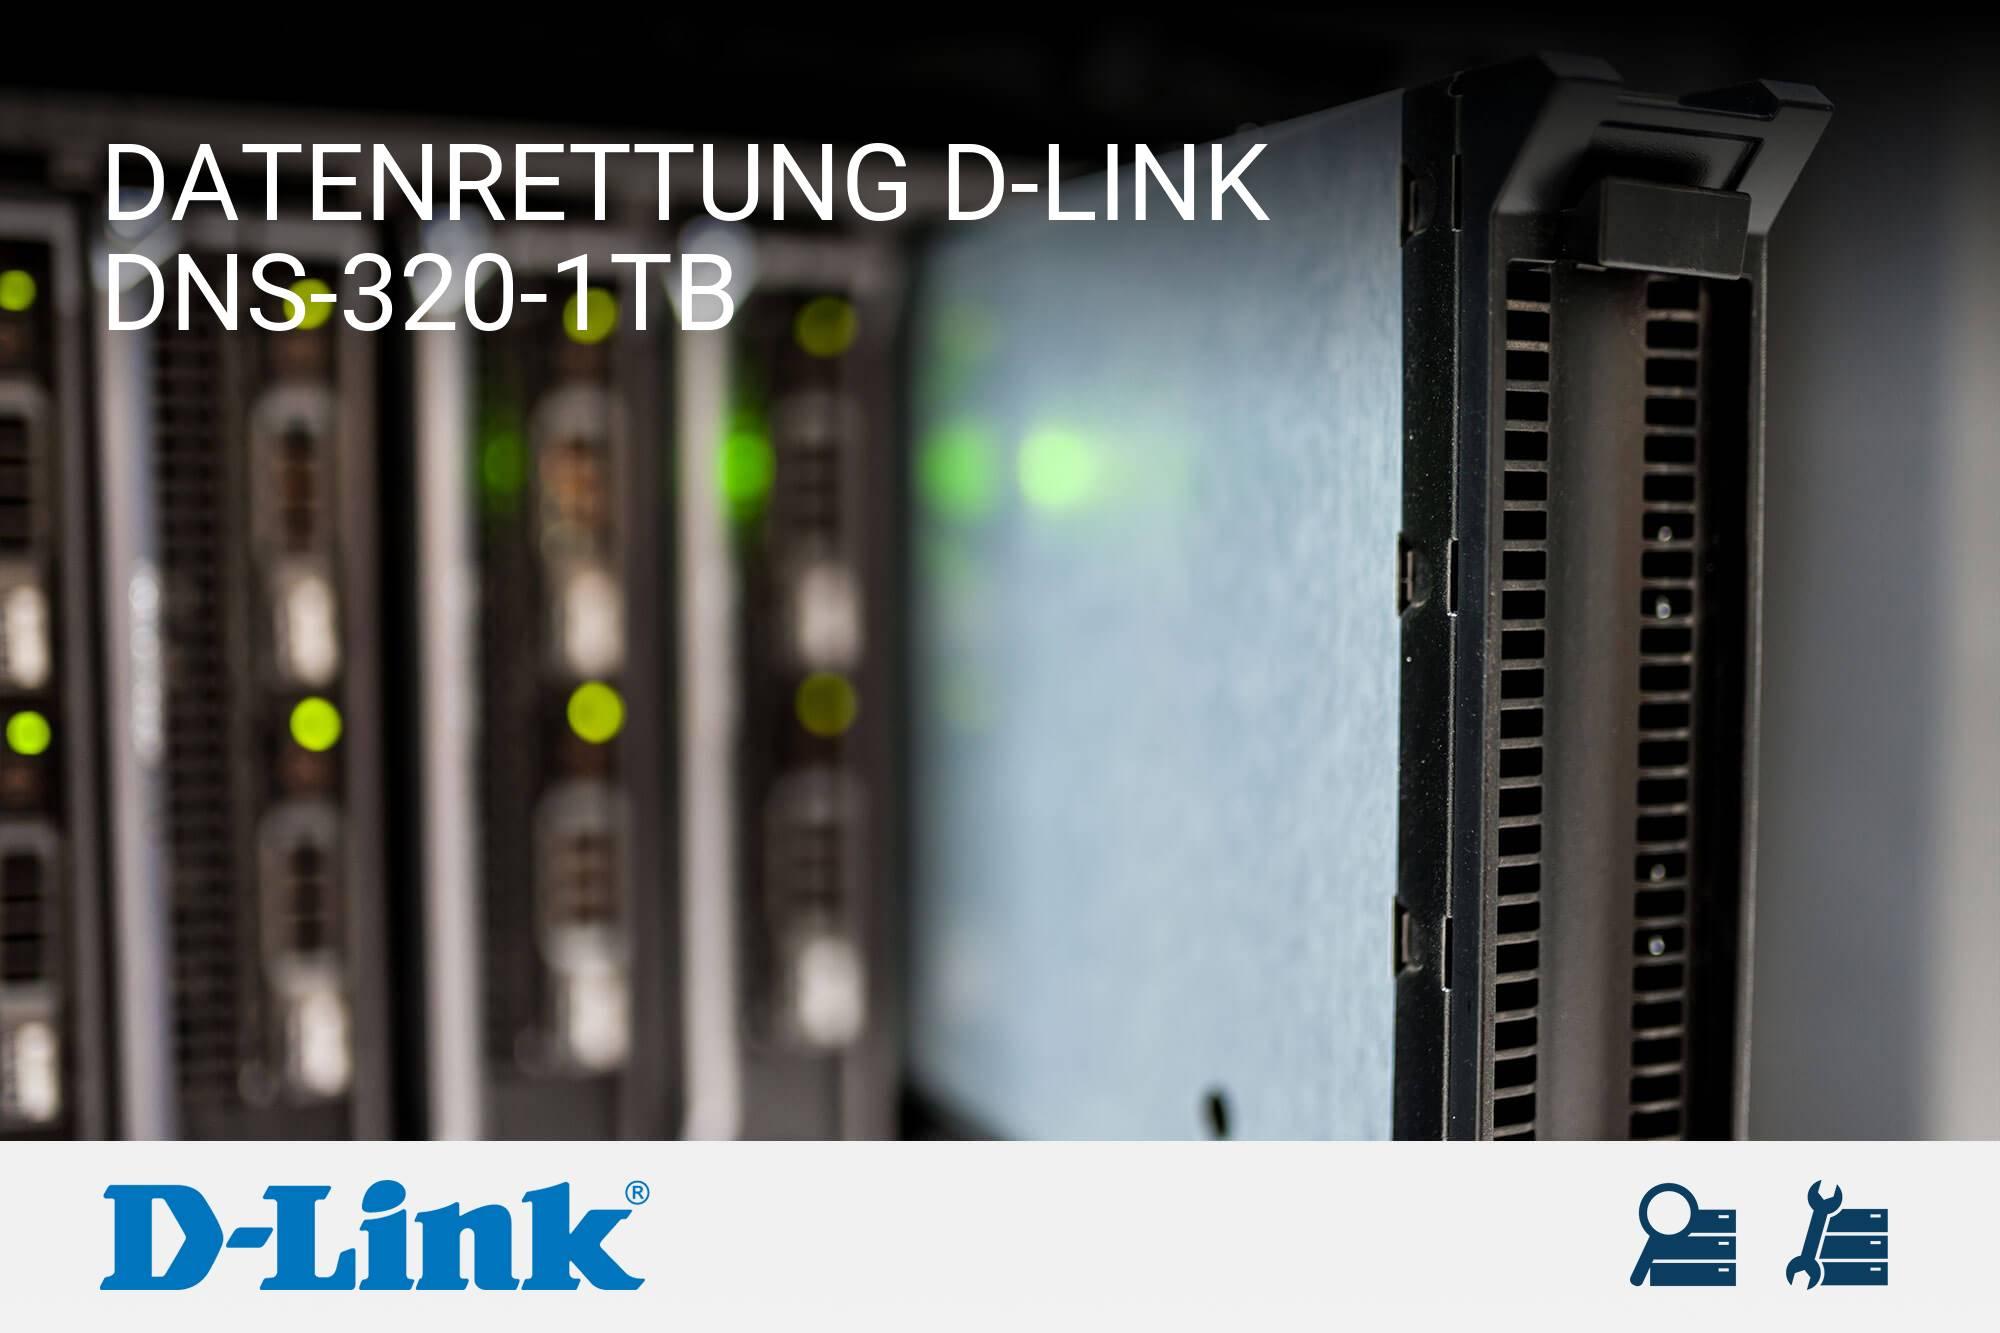 D-Link DNS-320-1TB